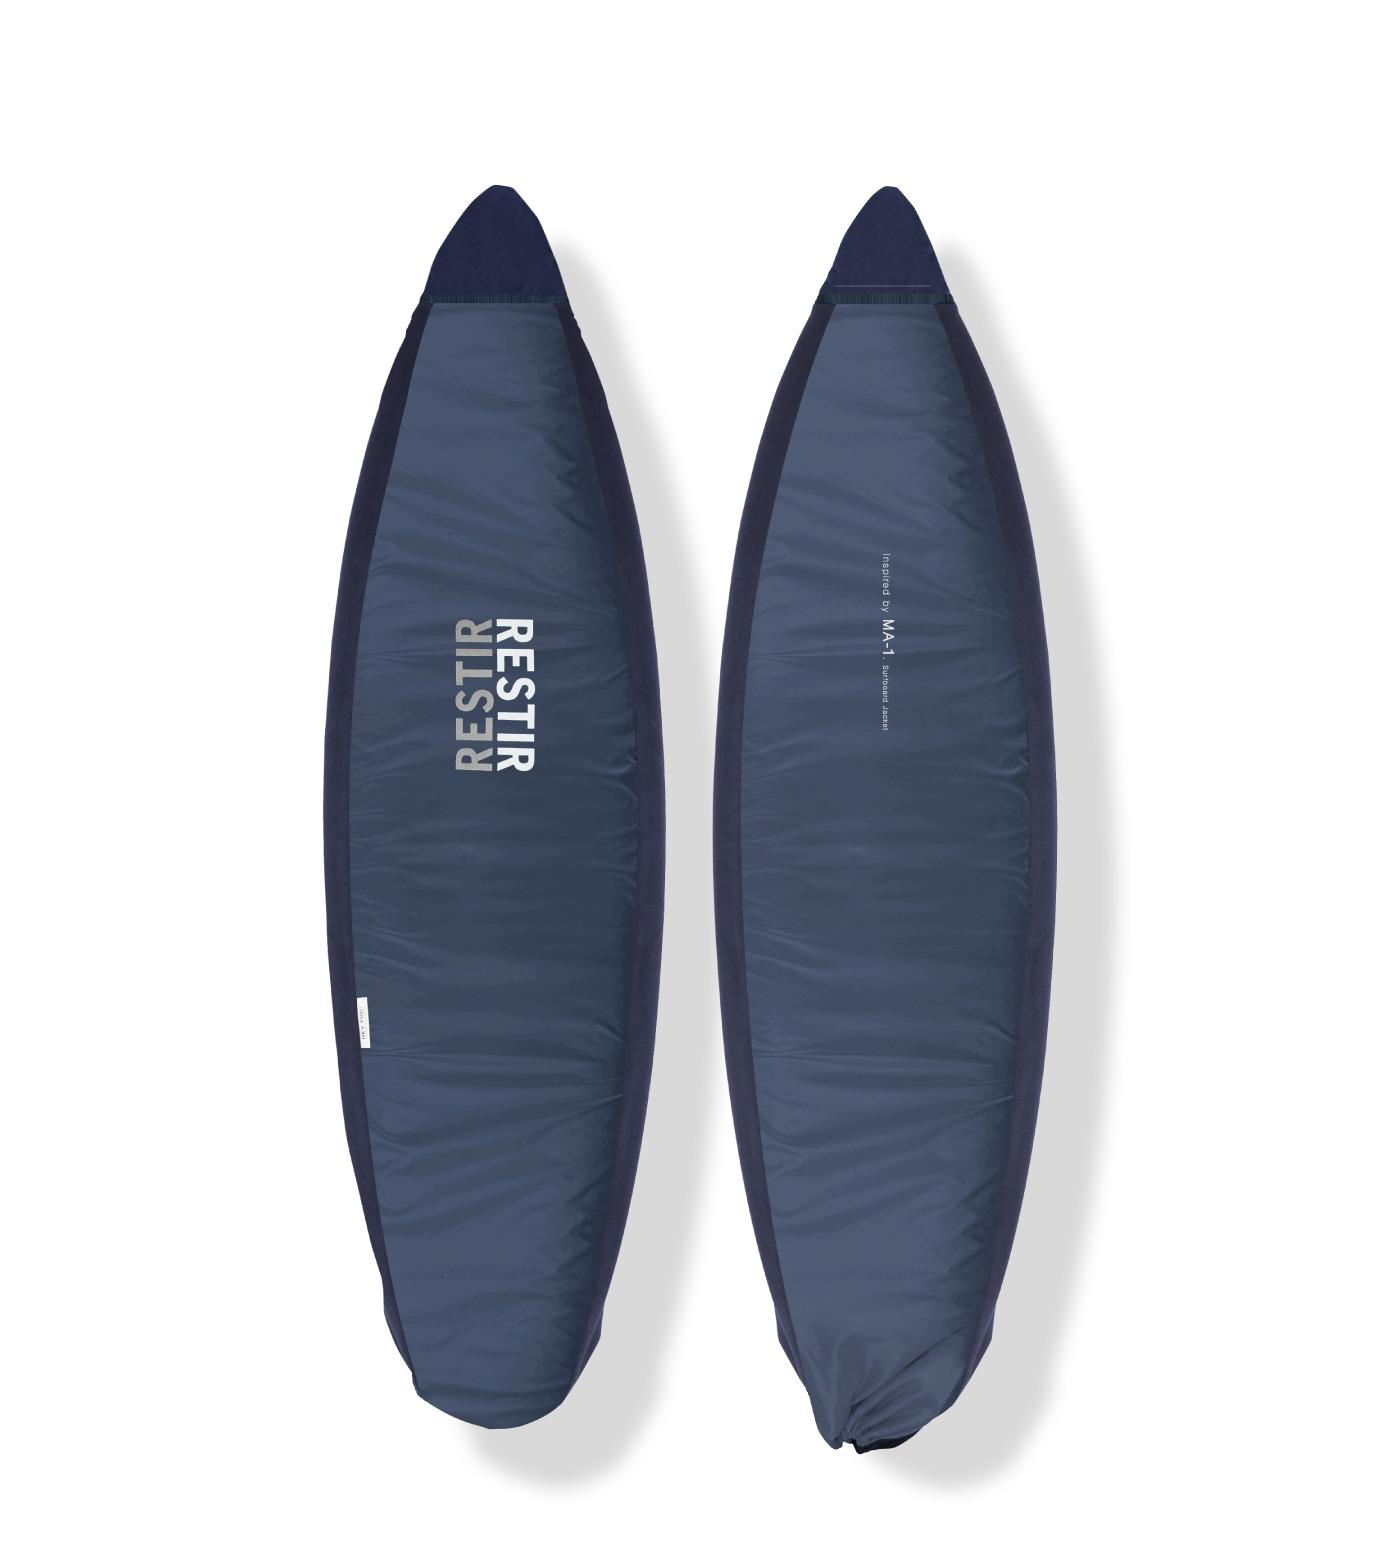 HEY YOU !(ヘイユウ)のSurfboard Jacket Short-NAVY(サーフ/OUTDOOR/surf/OUTDOOR)-18S90007-93 拡大詳細画像1